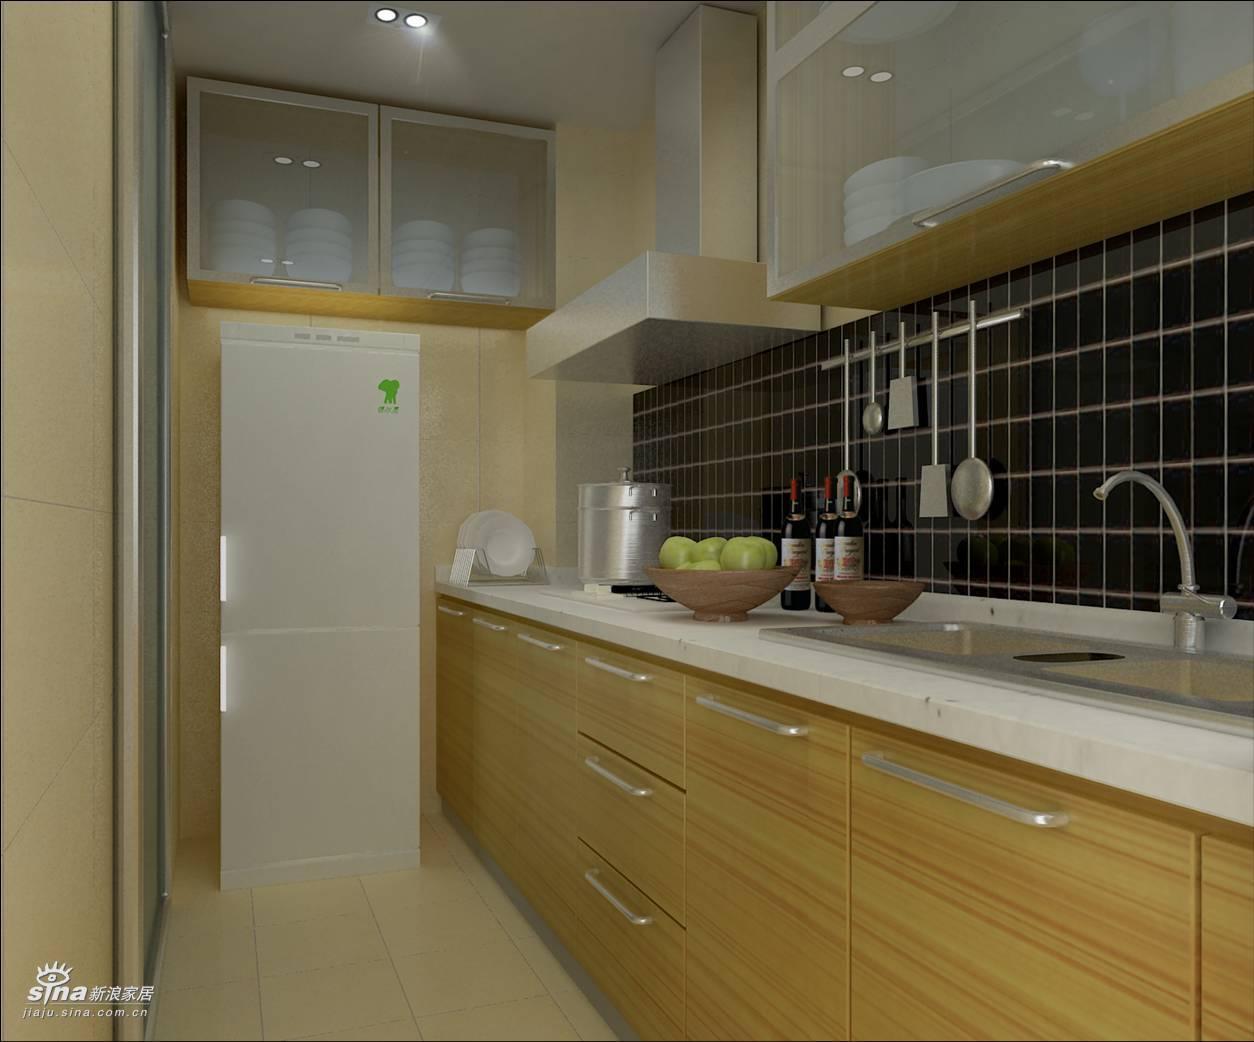 其他 二居 厨房图片来自用户2558746857在时尚新贵38的分享